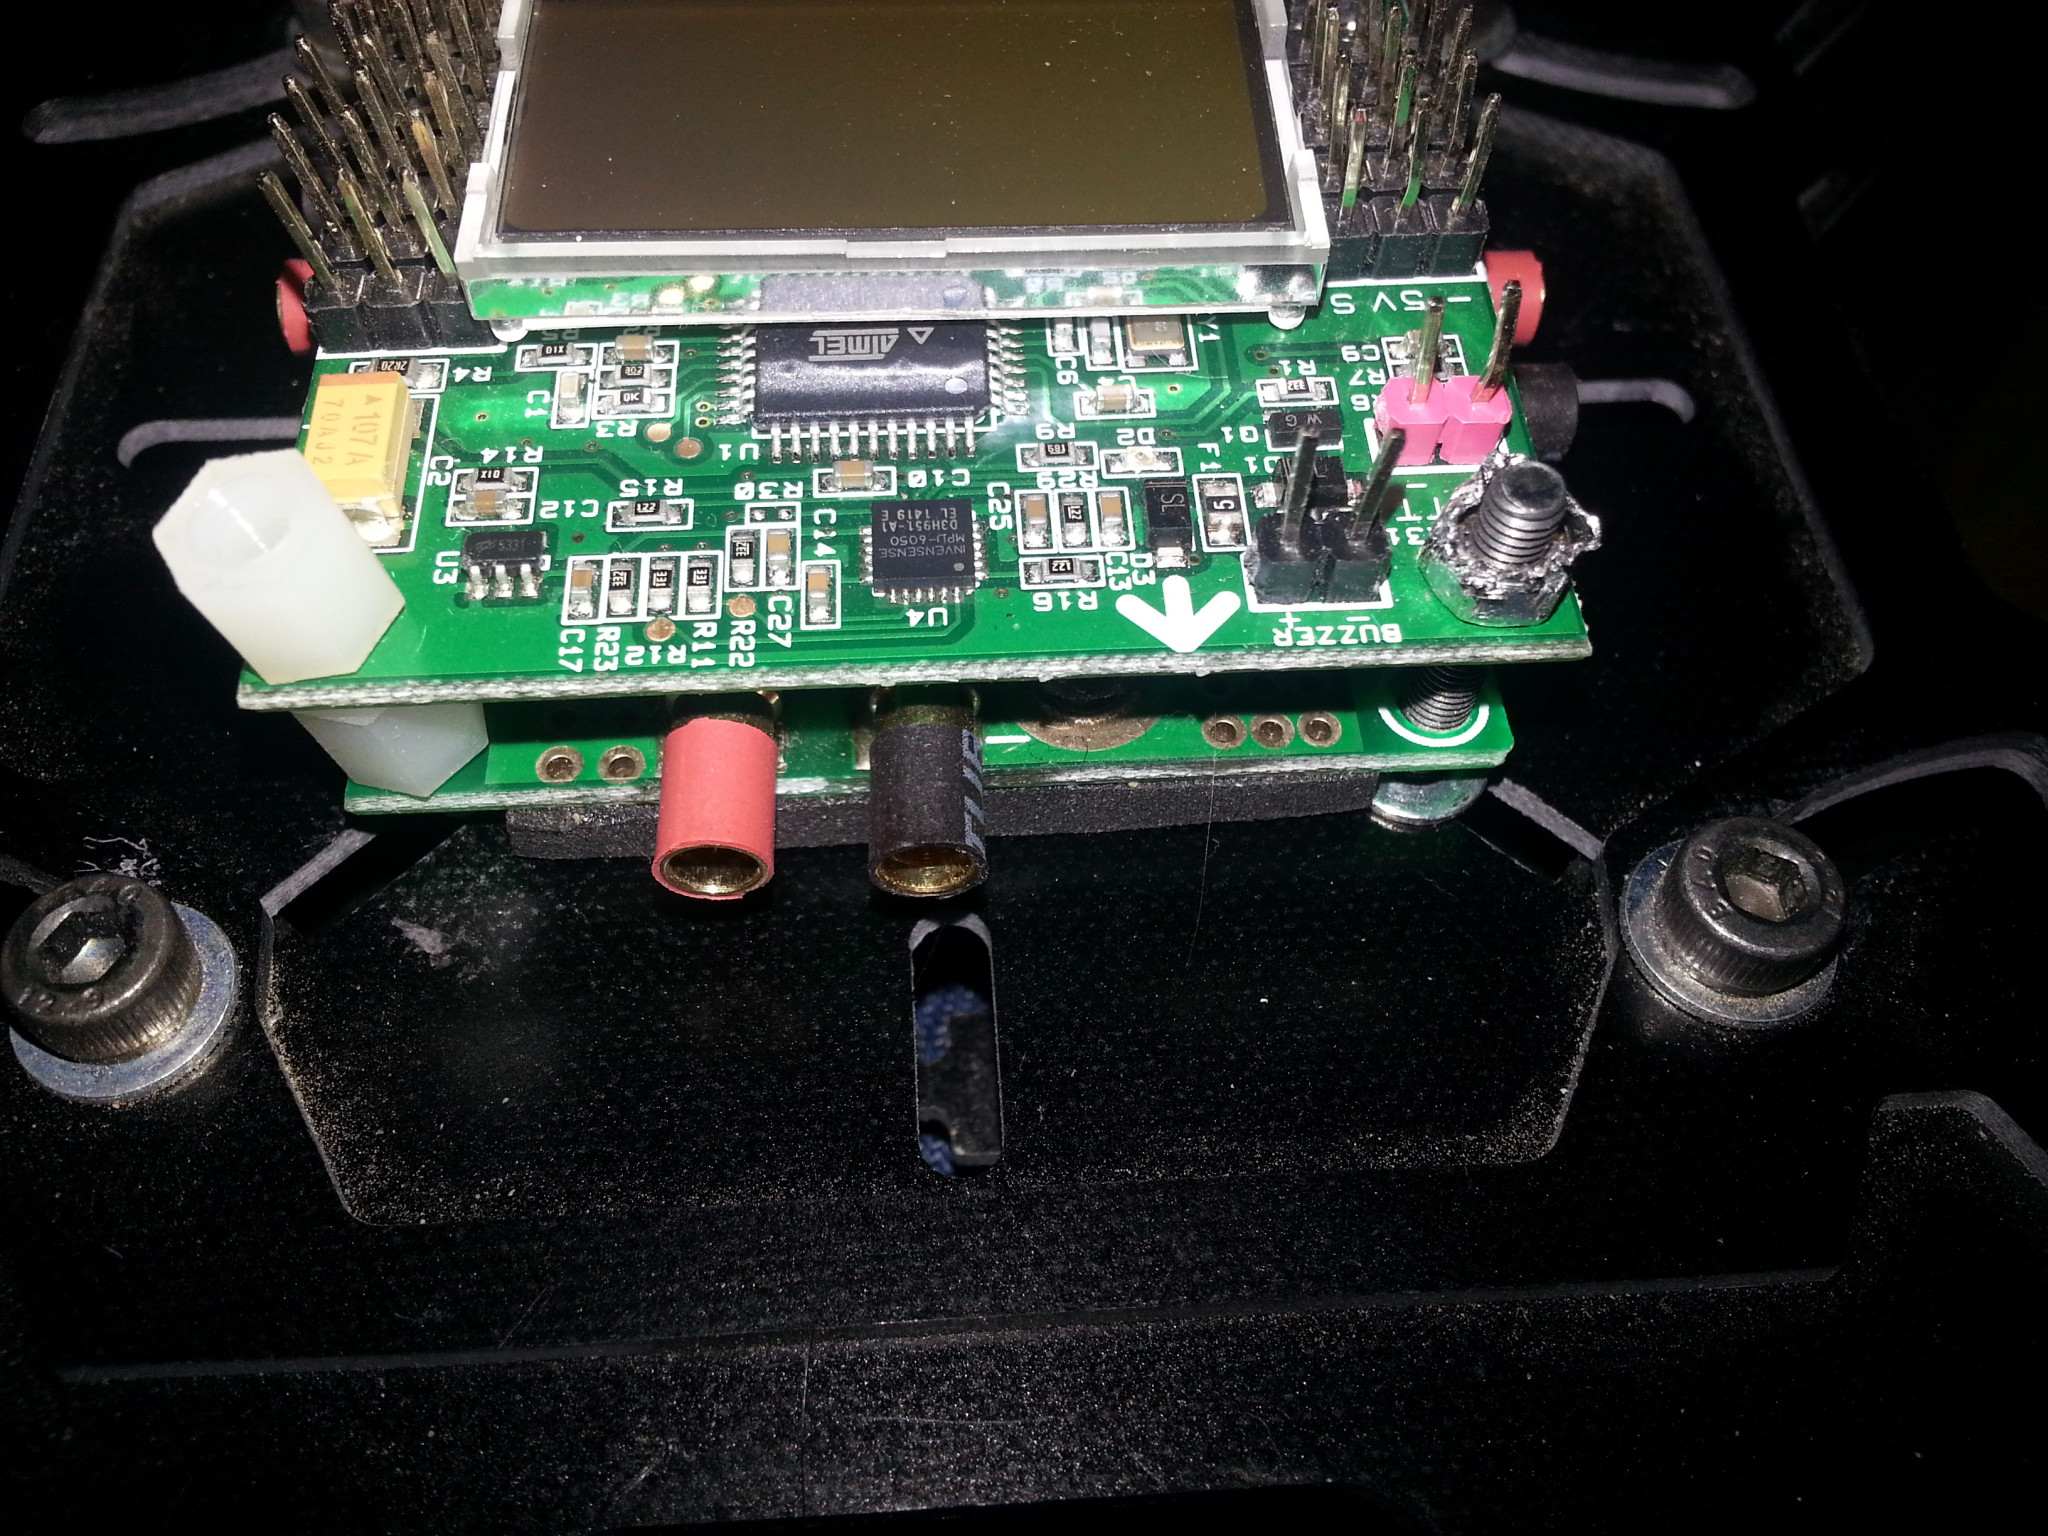 Power Distribution Board-а изглежда по-добре закрепен с болтове, отколкото вързан с тиксо.